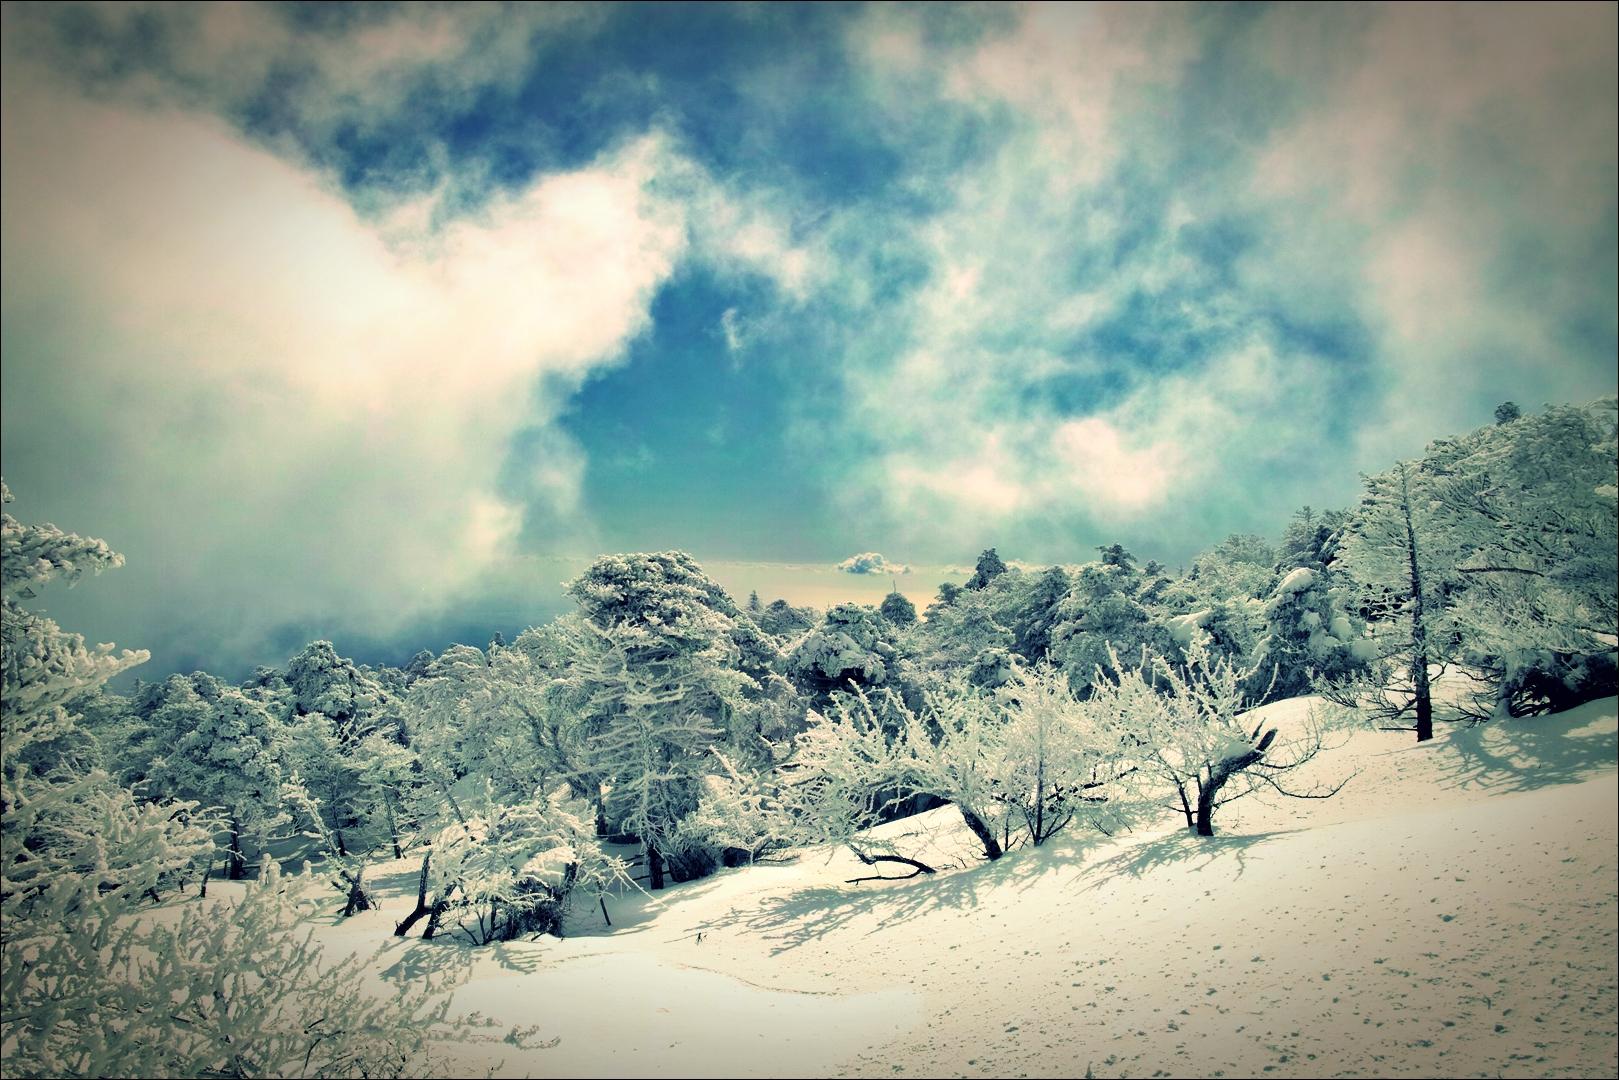 해피엔딩-'한라산 성판악 - 백록담 겨울 산행.'